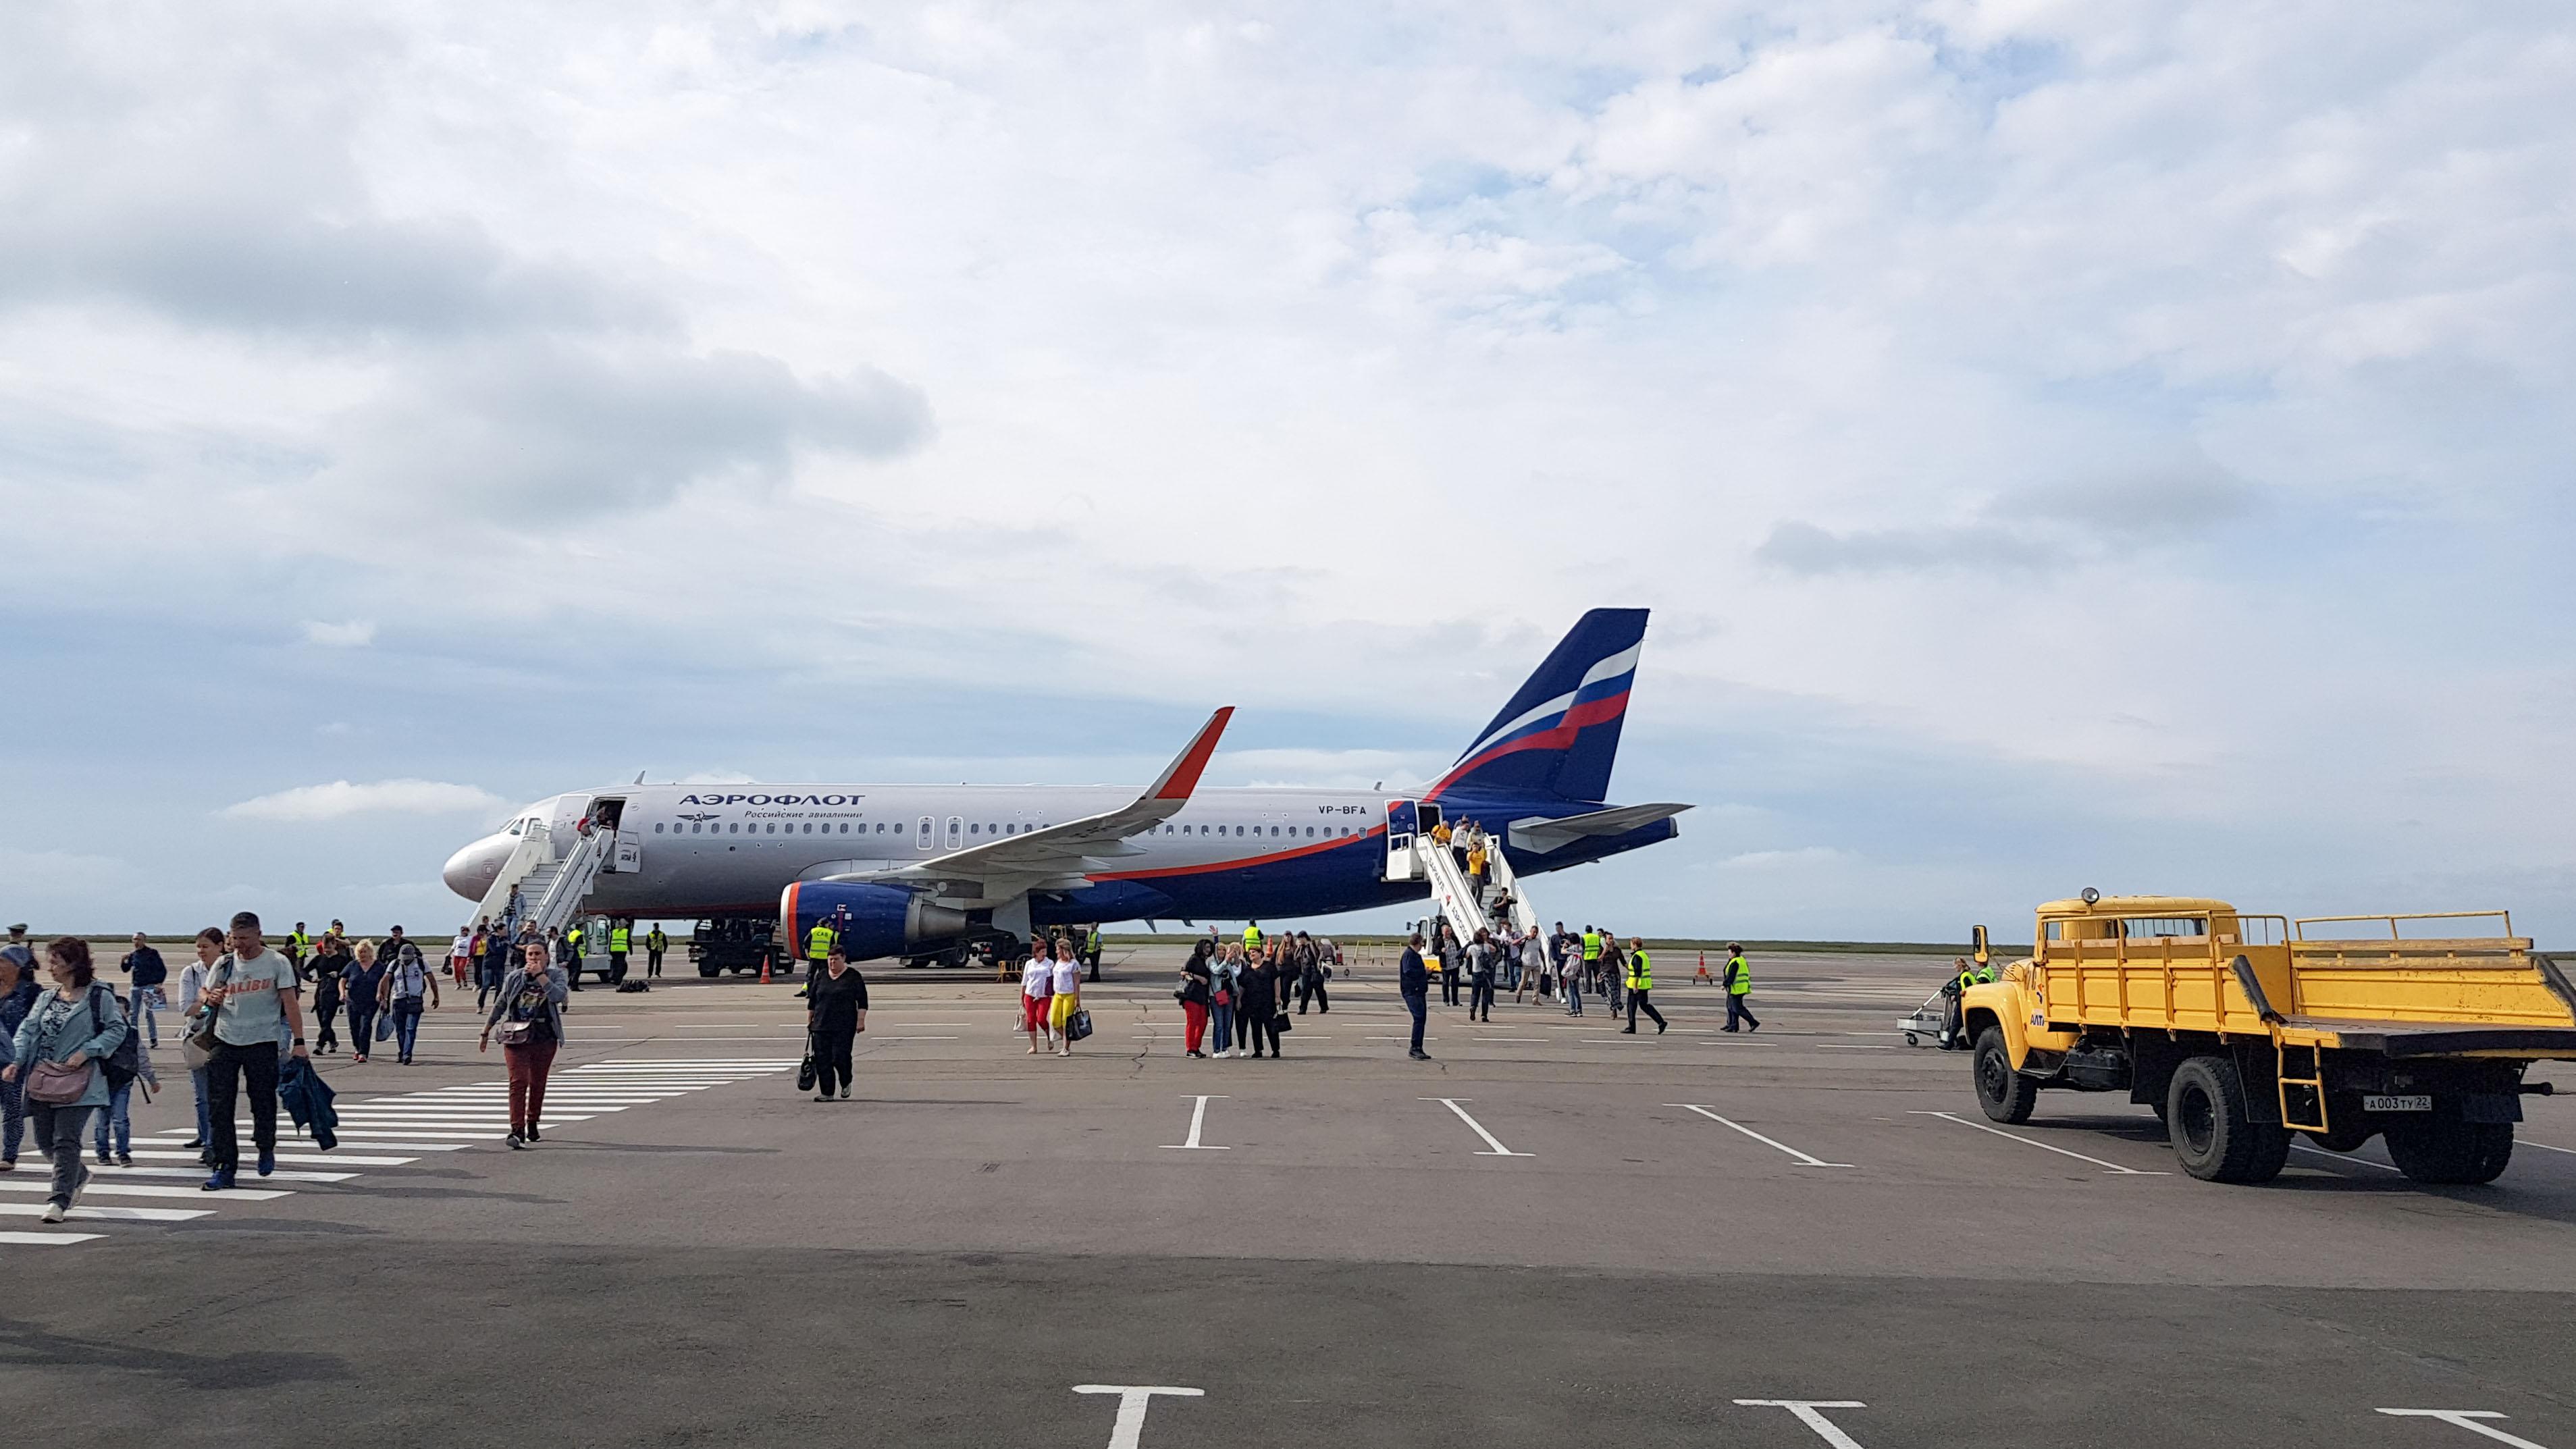 прилетели в Барнаул Аэрофлотом